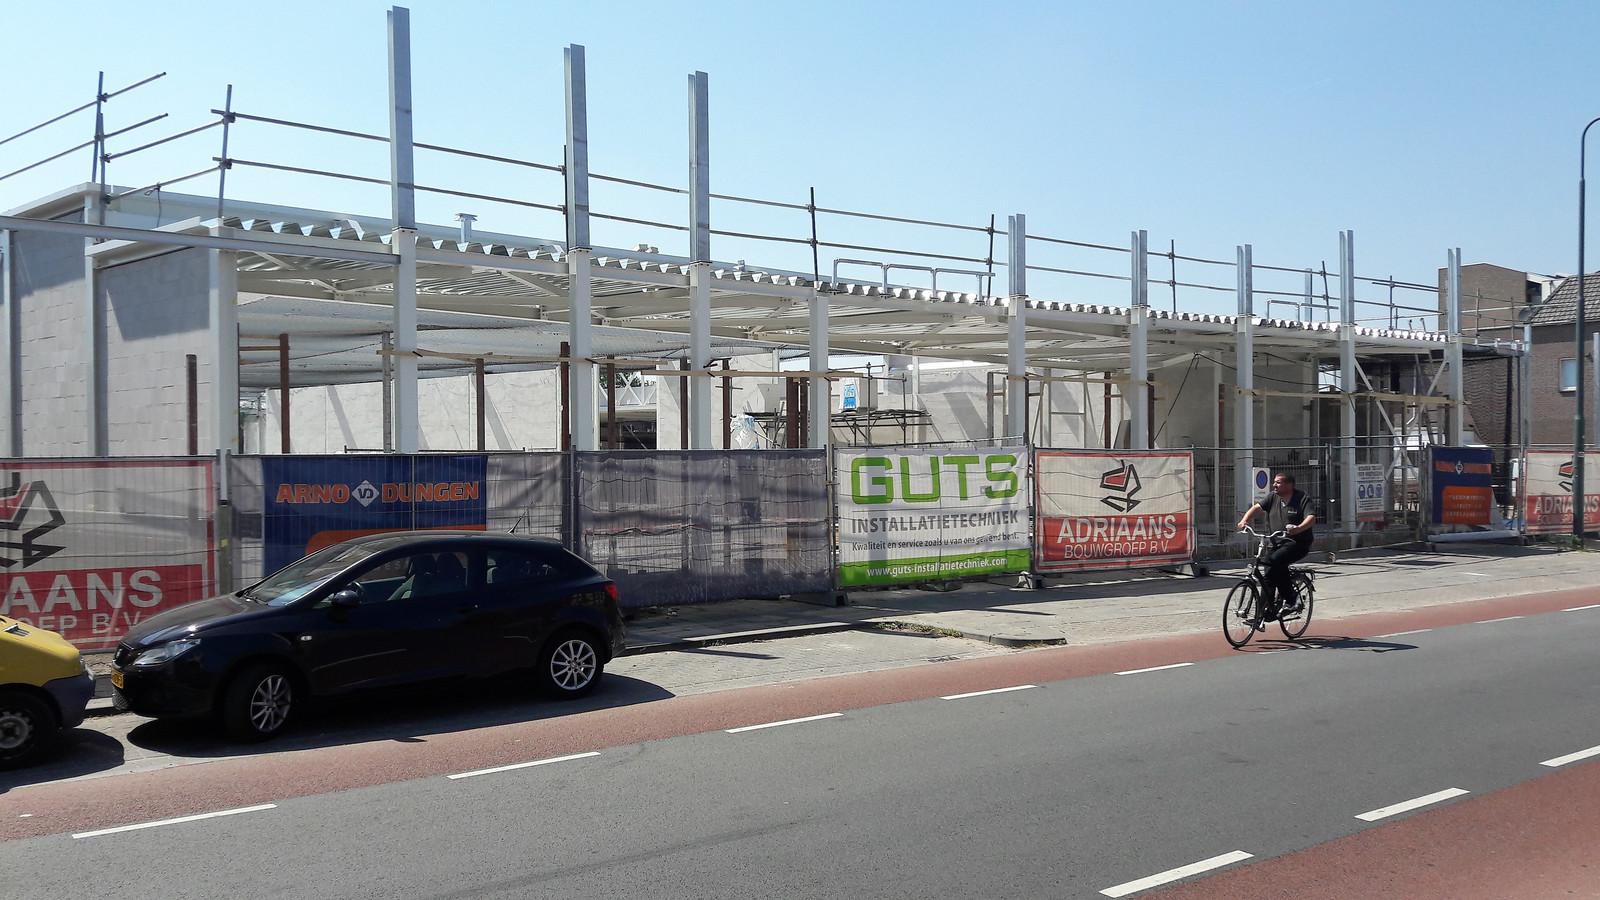 Straatgevel nieuwe supermarkt Lidl in aanbouw.